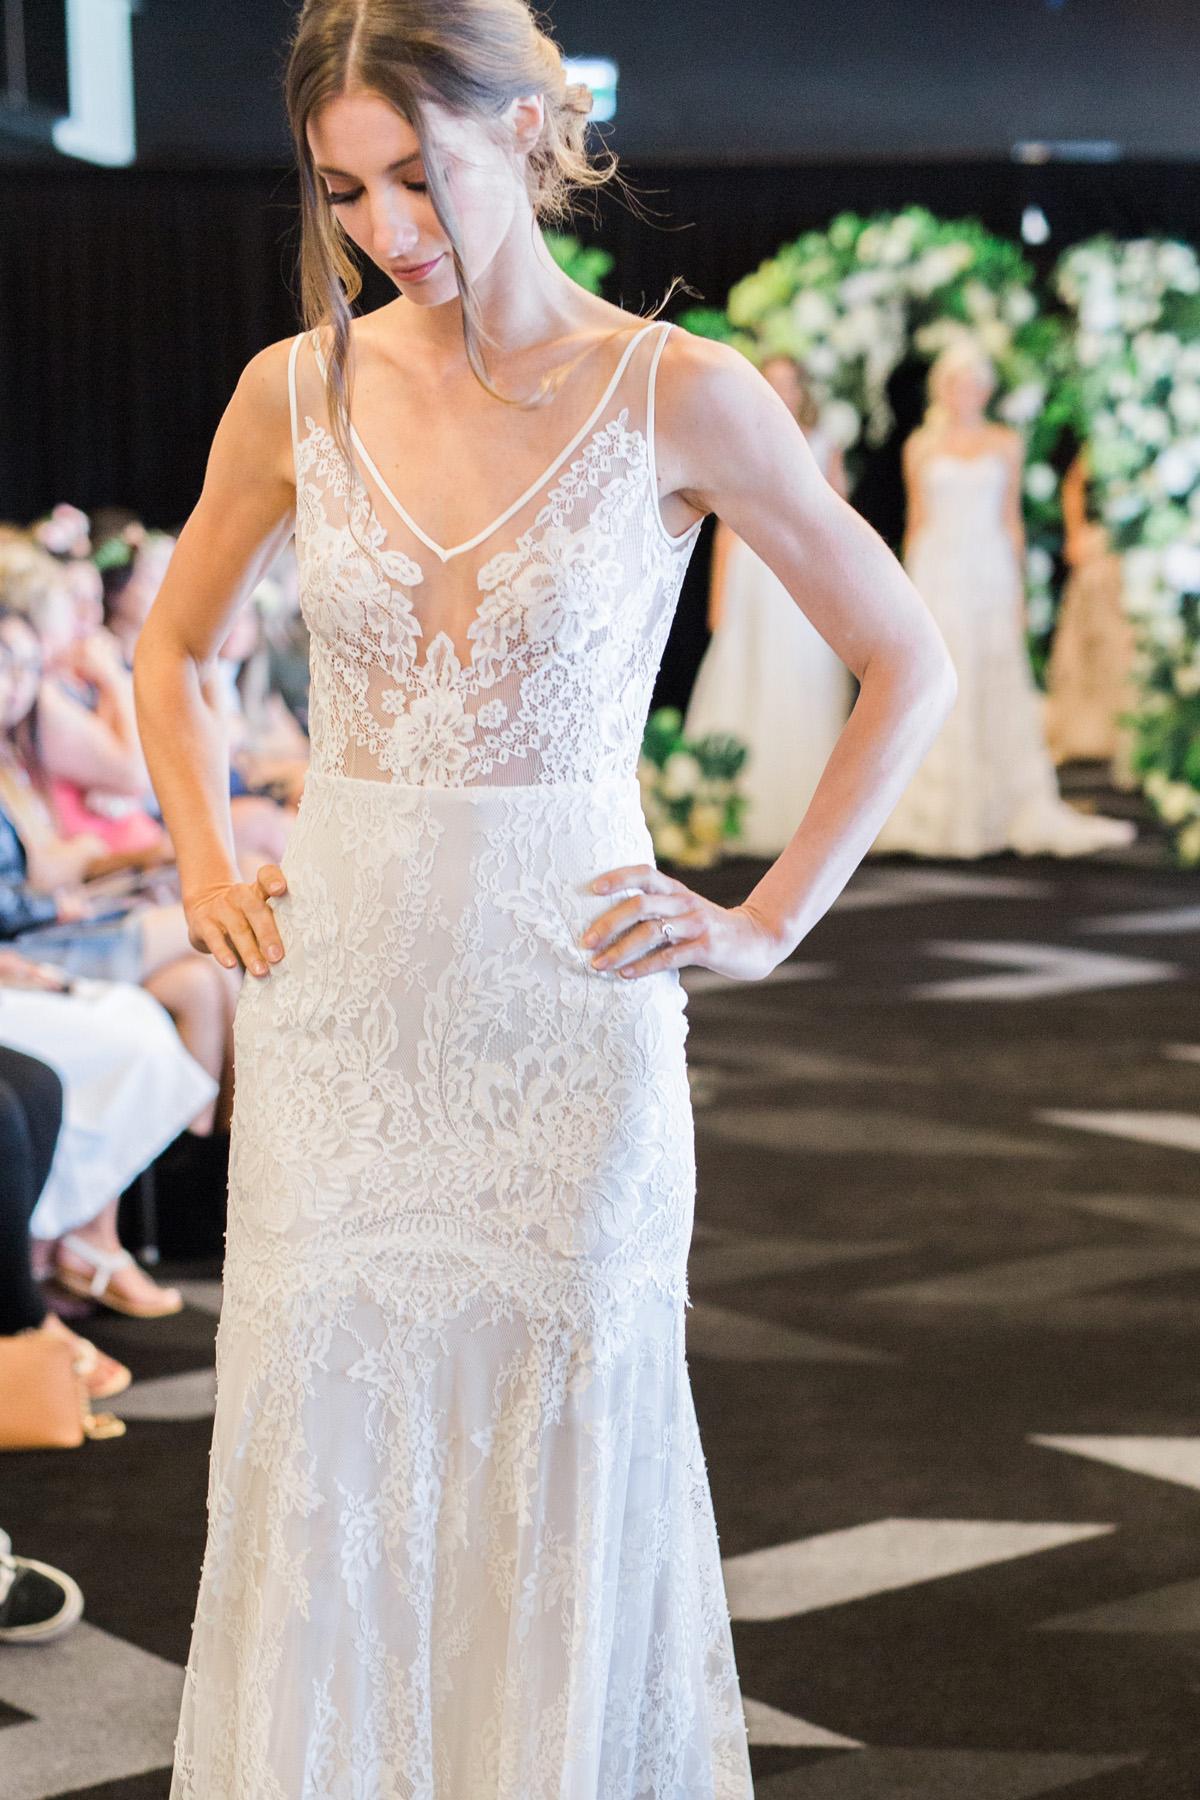 Love-Wedding-Festival-Sydney-Wedding-Gown-Angela-Osagie-21.jpg